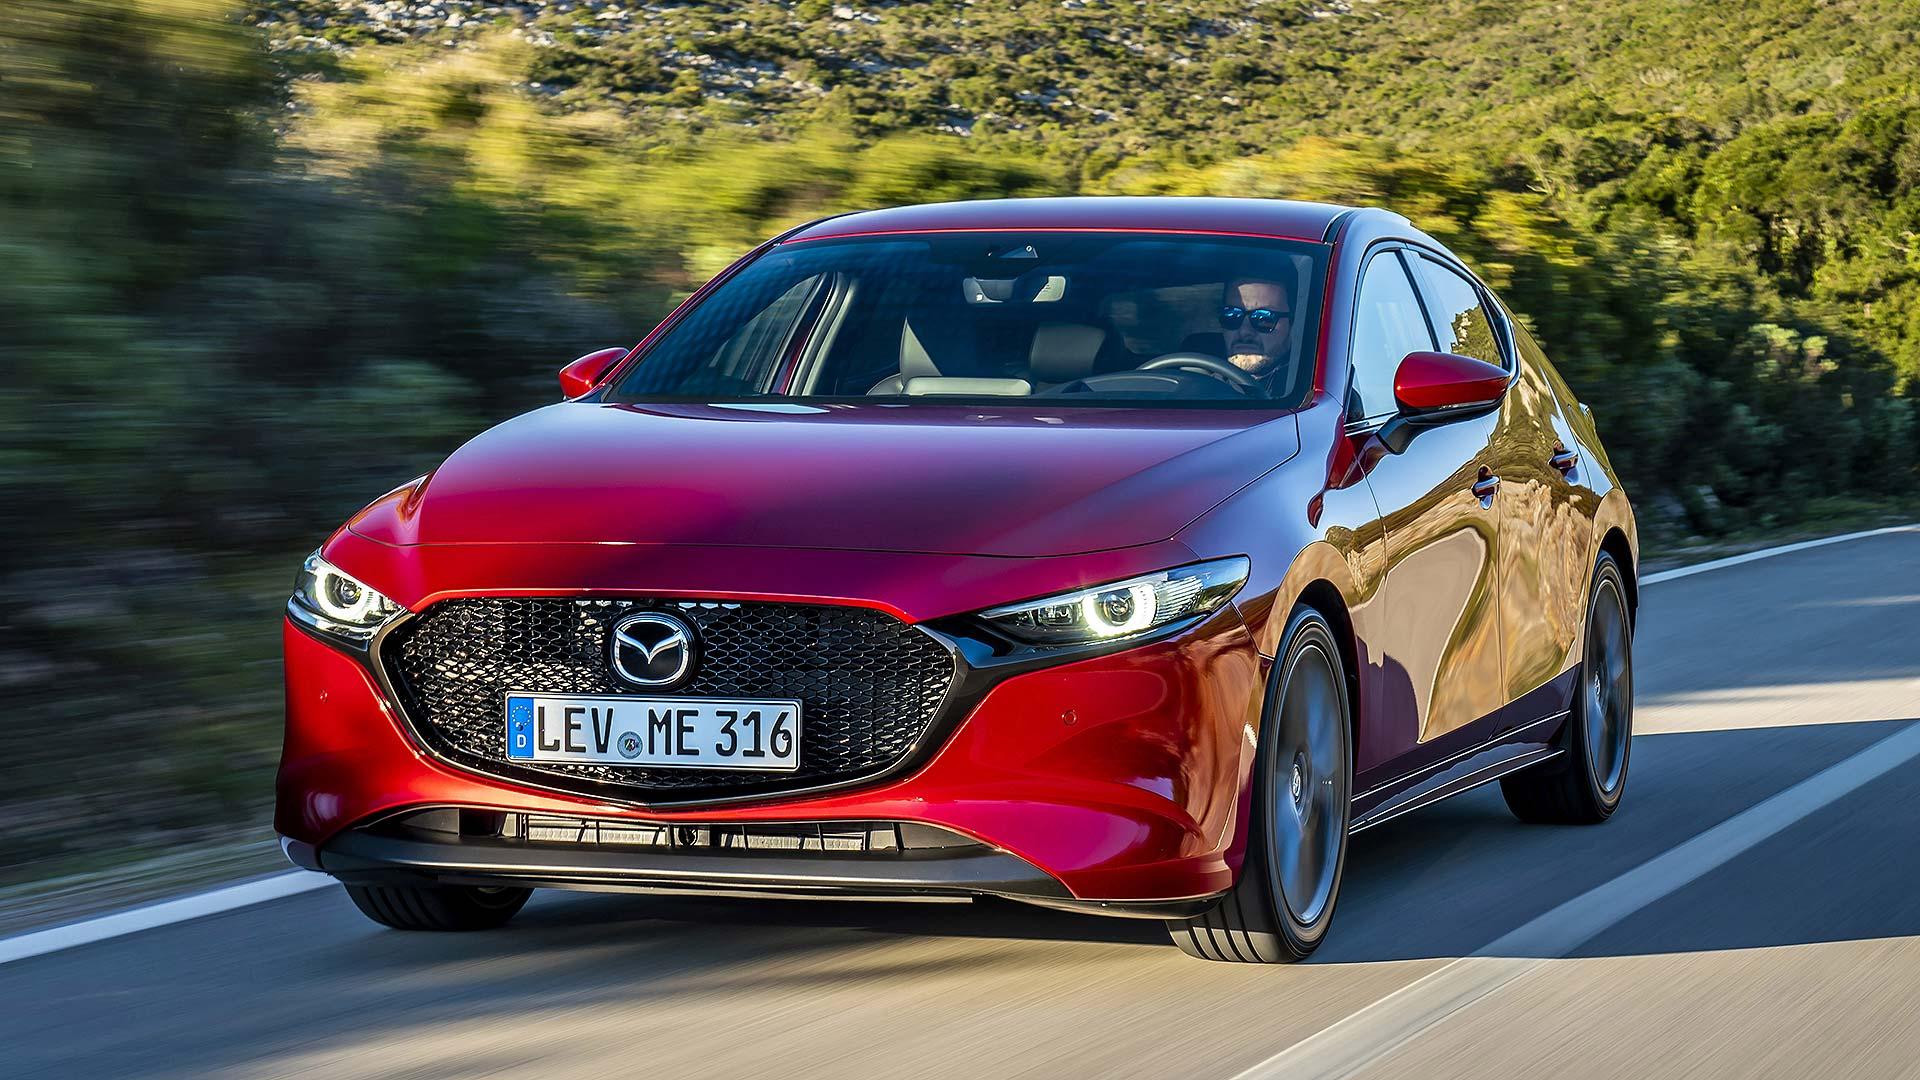 Kekurangan Mazda 3 2019 Murah Berkualitas